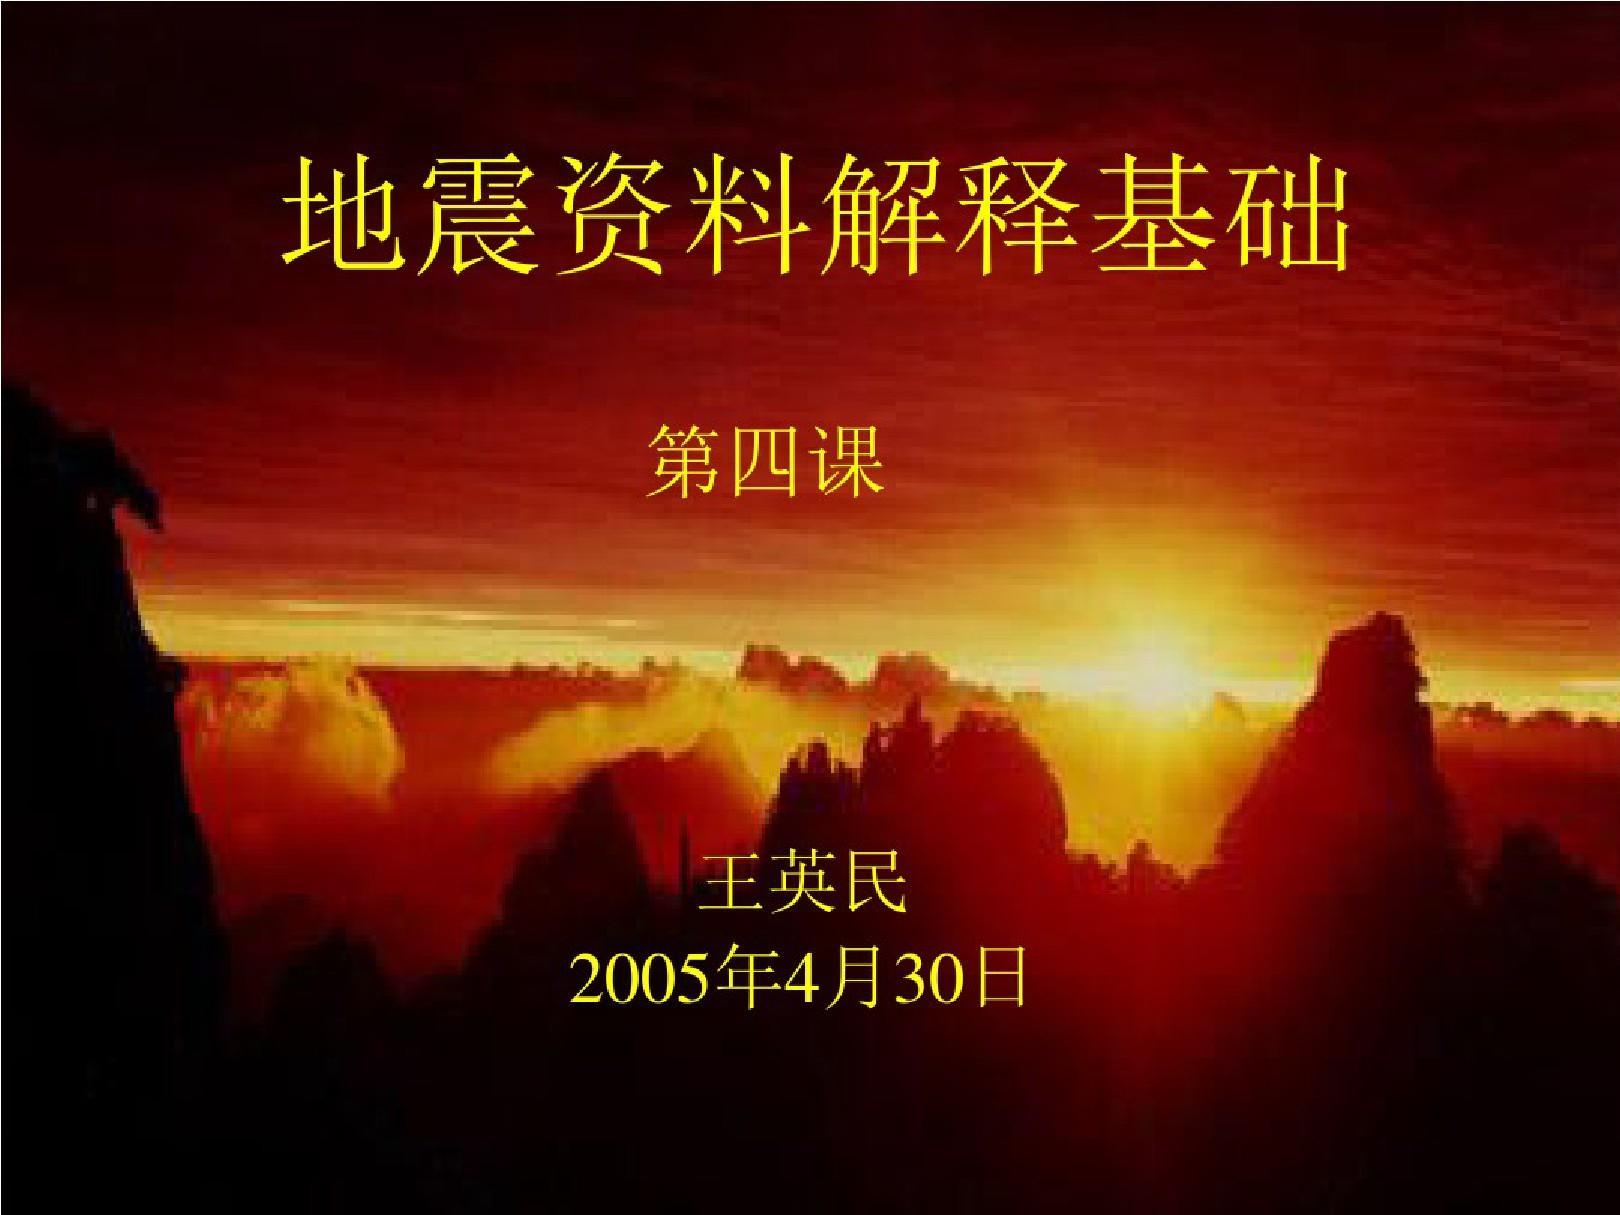 地震资料解释基础(王英民)第4课——地震层序分析剖析